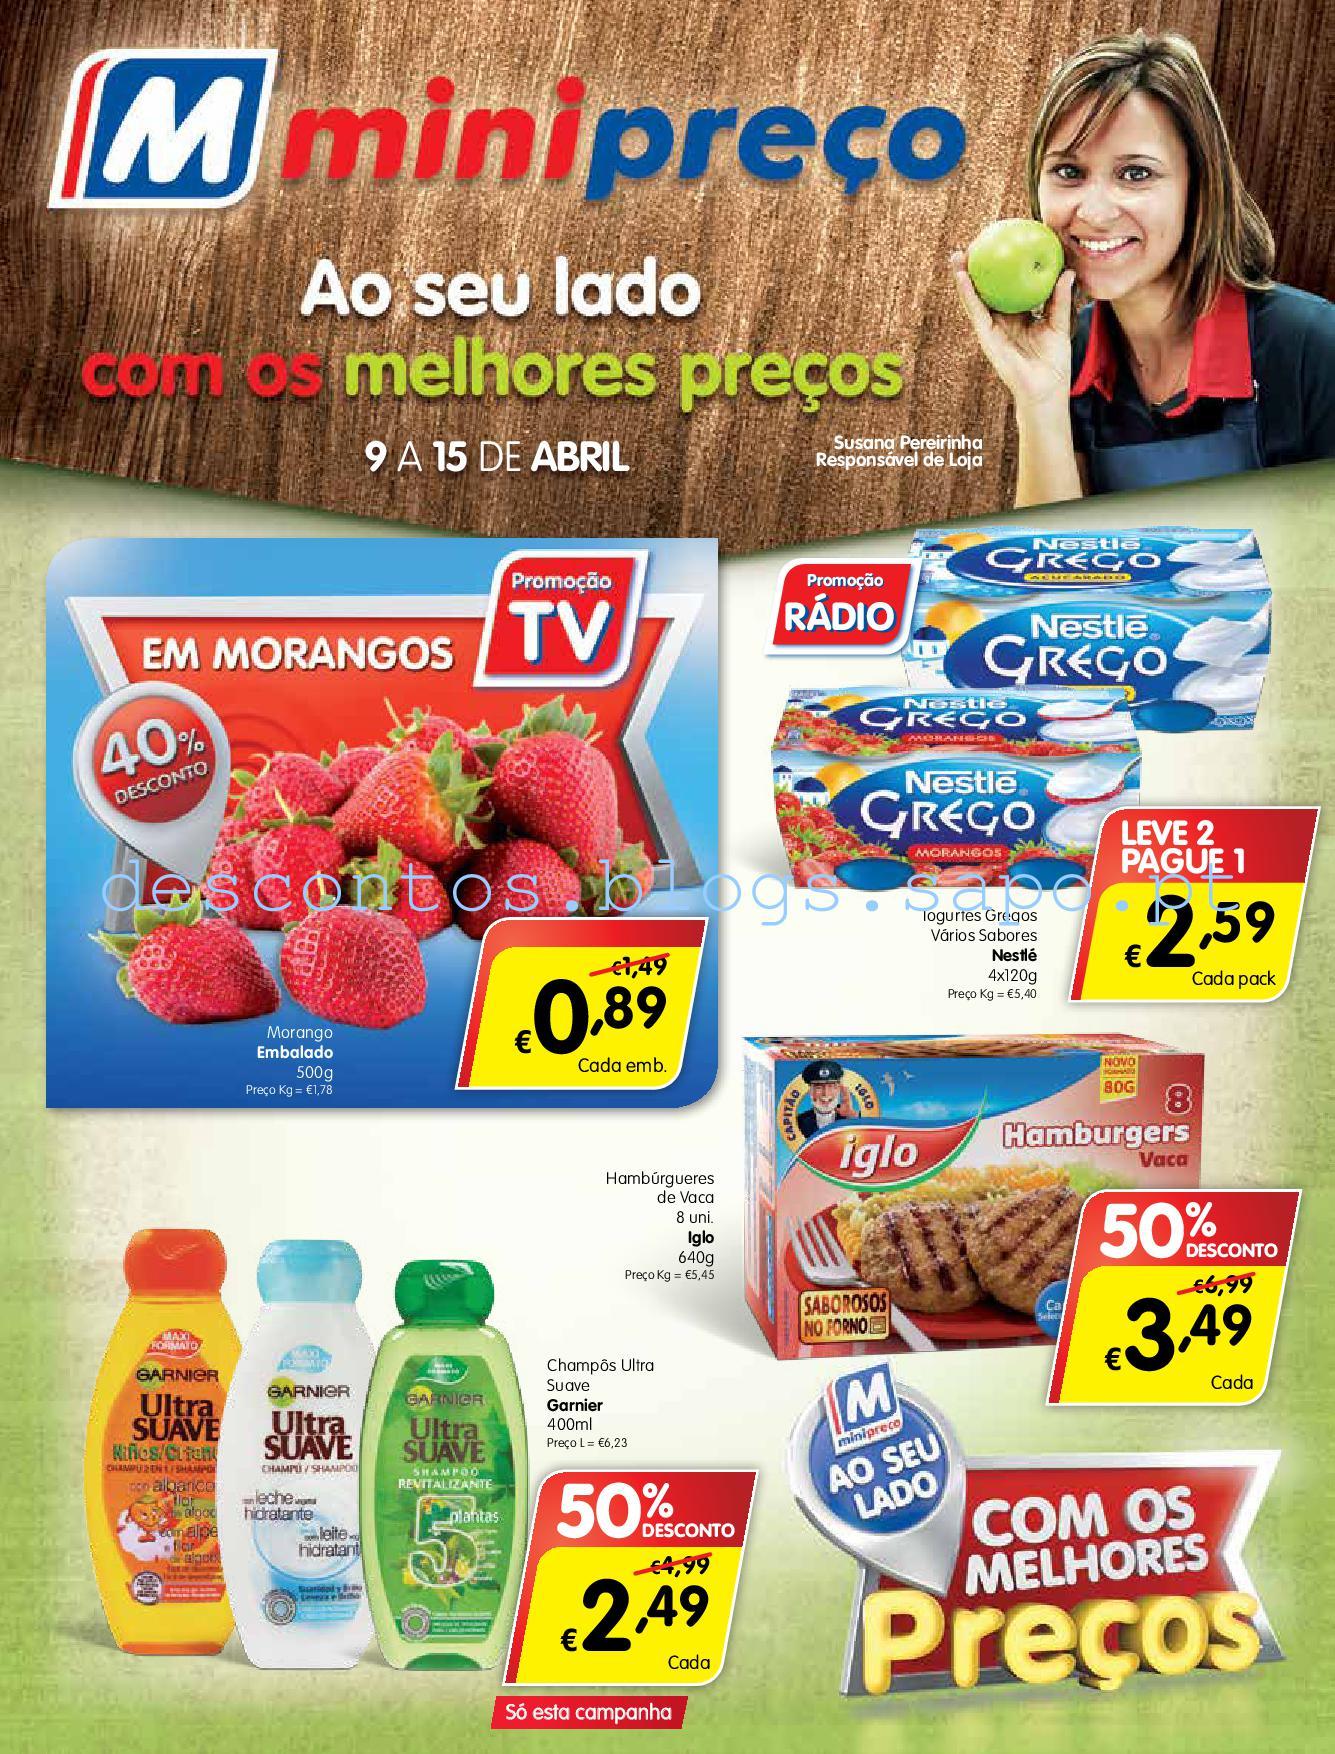 MINIPREÇO FOLHETO_8-16ABR_b-001.jpg